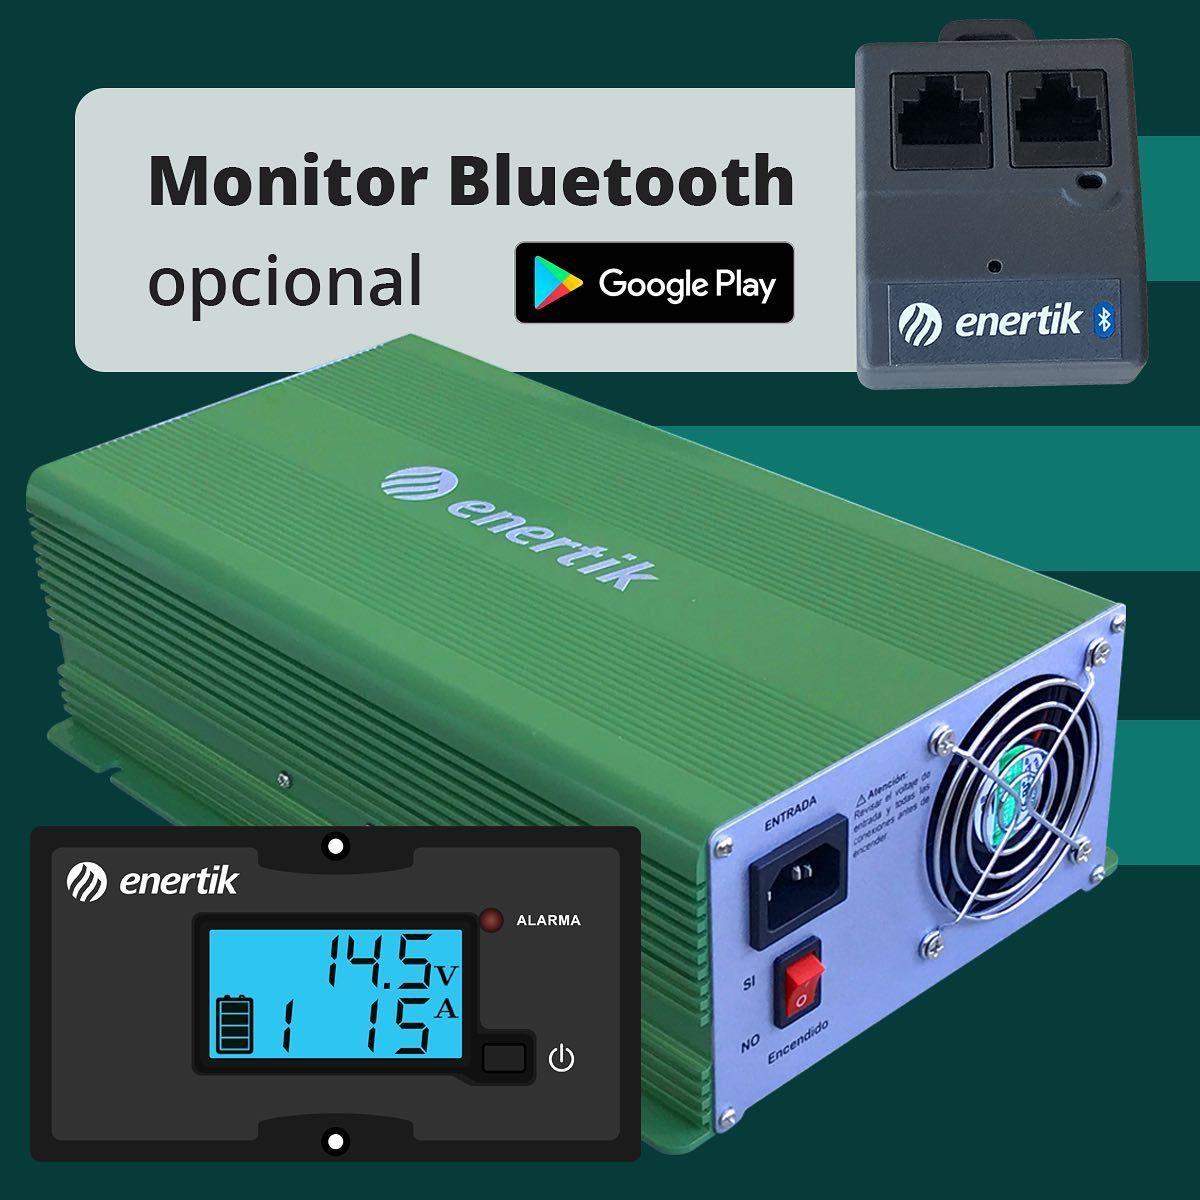 Cargadores Automáticos De Baterías Precios Y Características En Https Enertik Com Ar Cargadores Ventajas 3 Etapas De Monitor Google Play Bluetooth